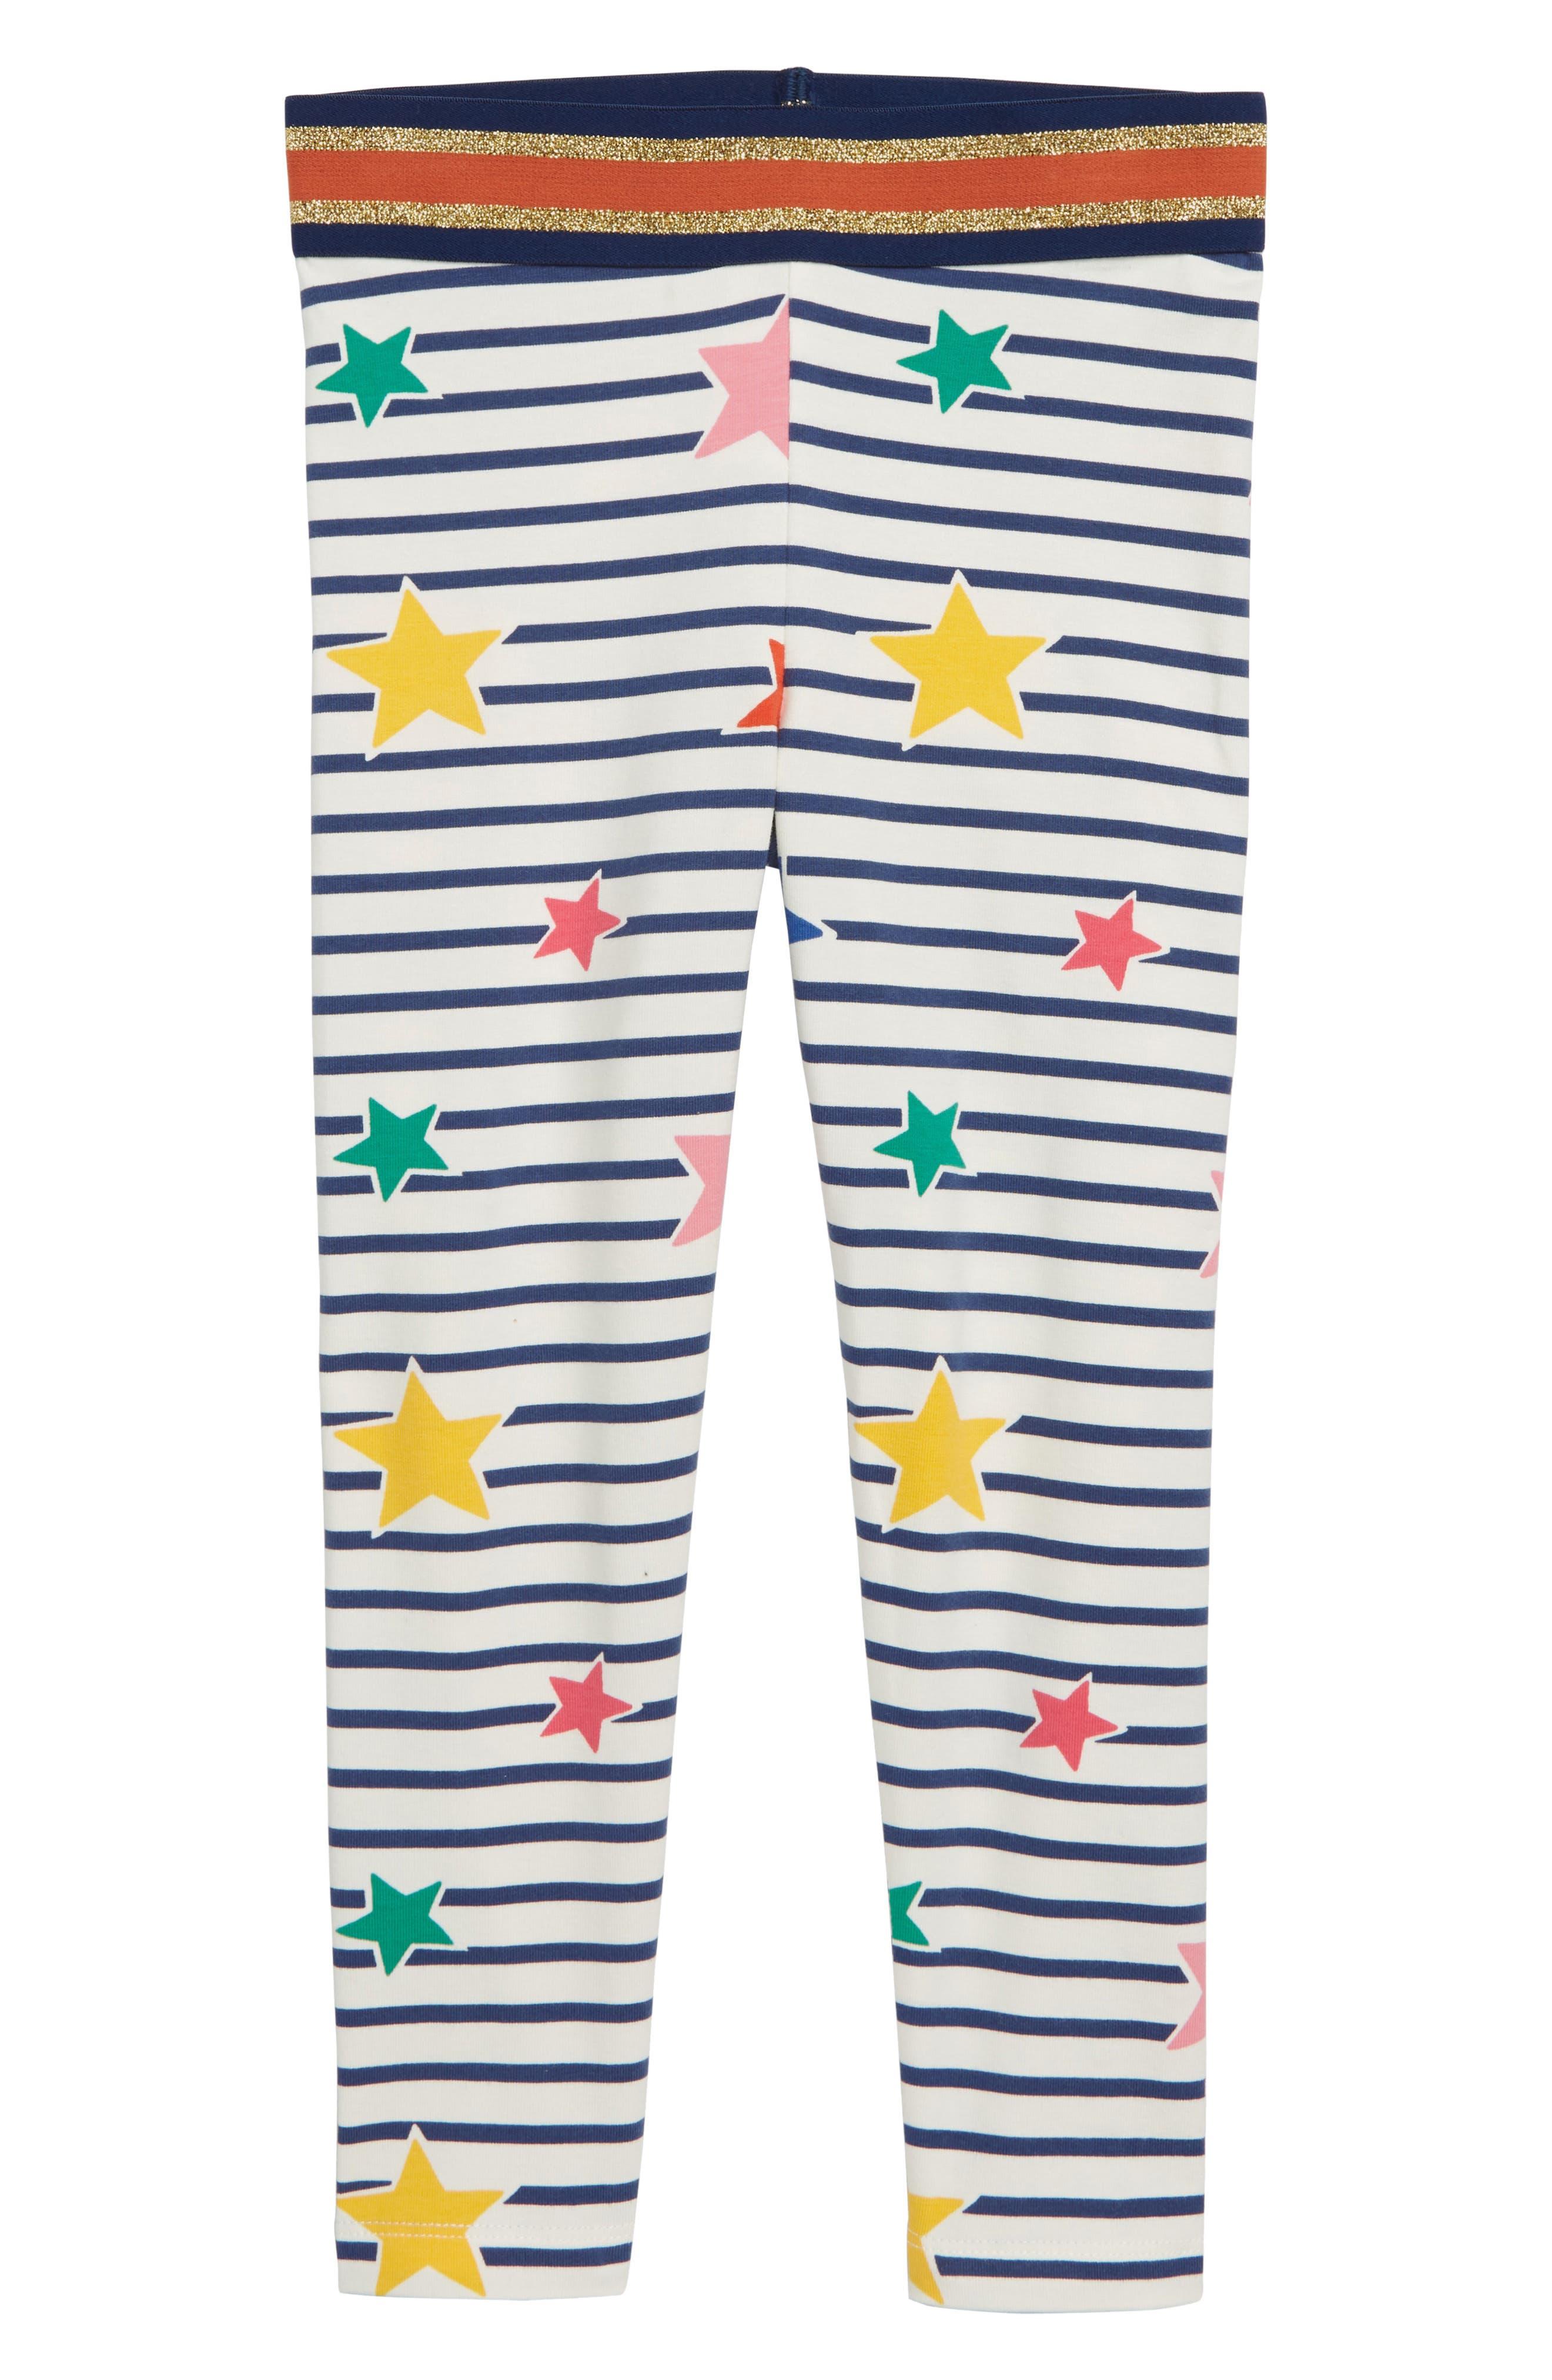 Detail Leggings,                             Main thumbnail 1, color,                             STARBOARD BLUE/ GLITTER STARS